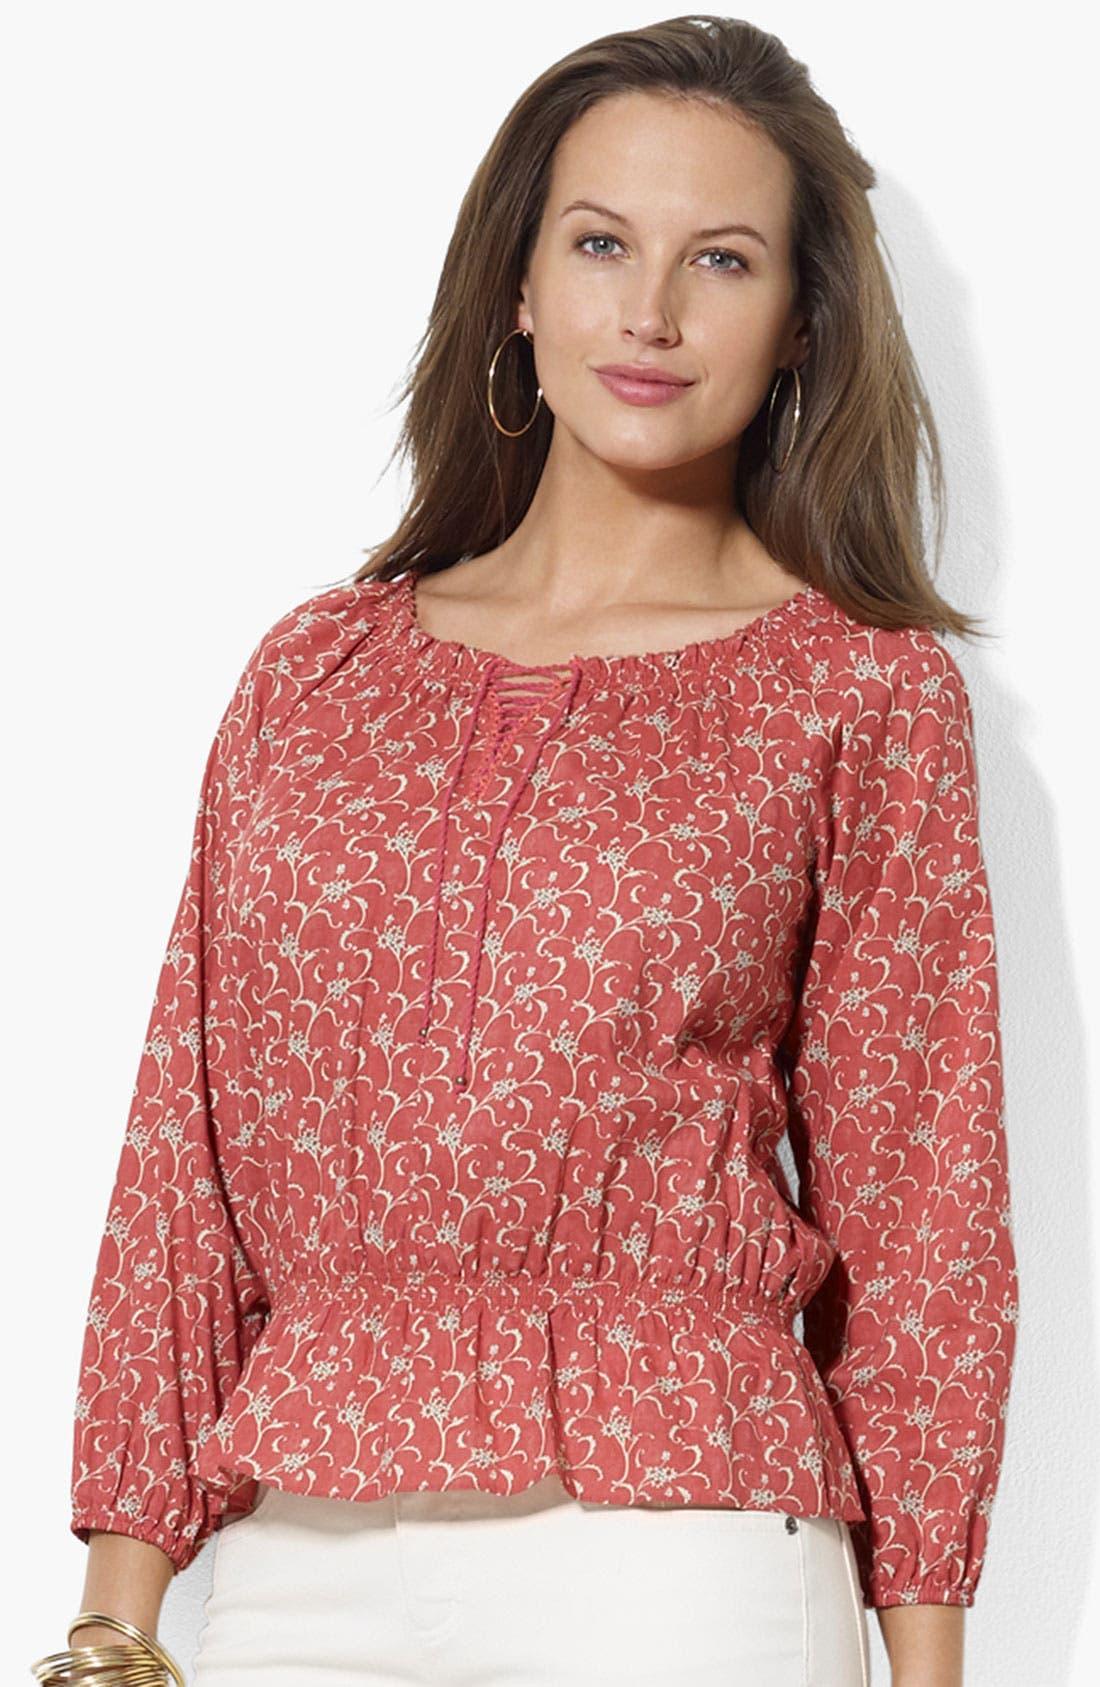 Main Image - Lauren Ralph Lauren Print Lace Up Peasant Top (Plus Size)